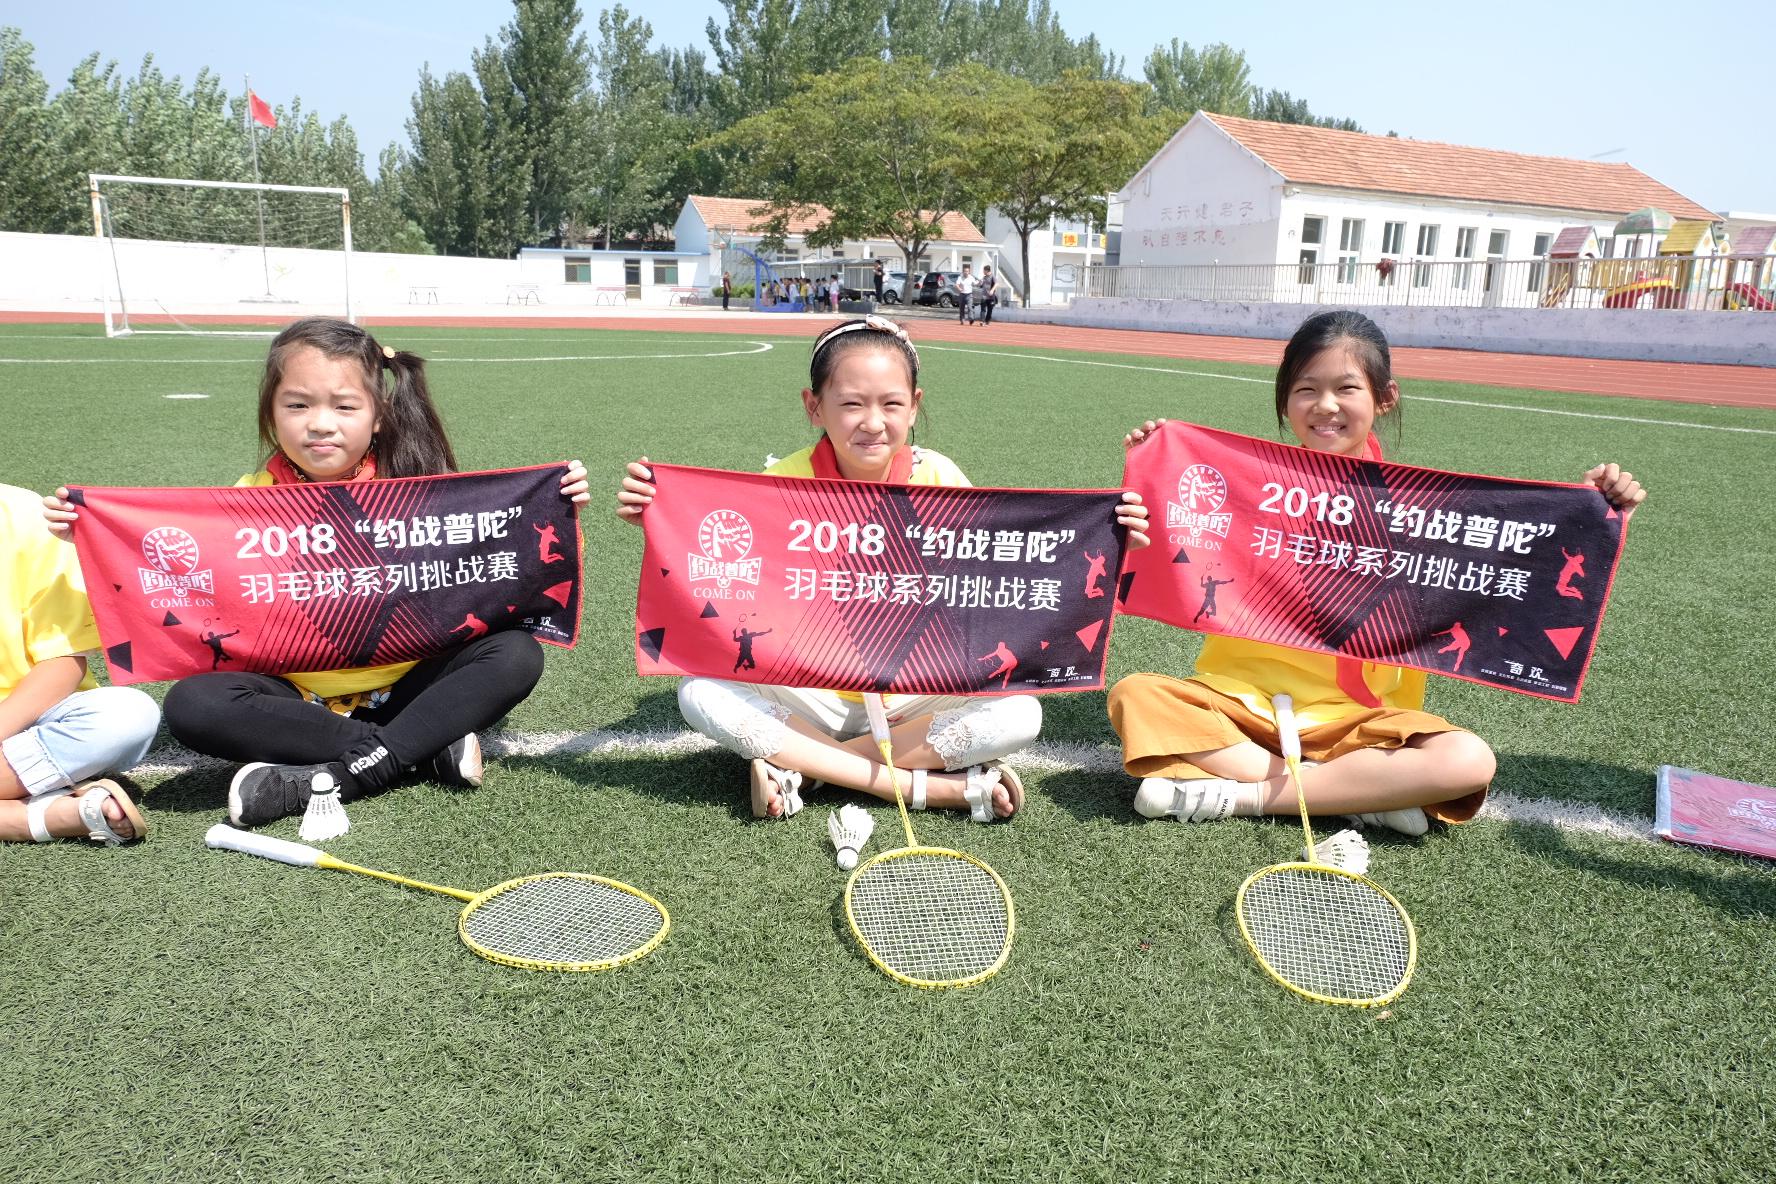 约战普陀羽毛球比赛-山东-24